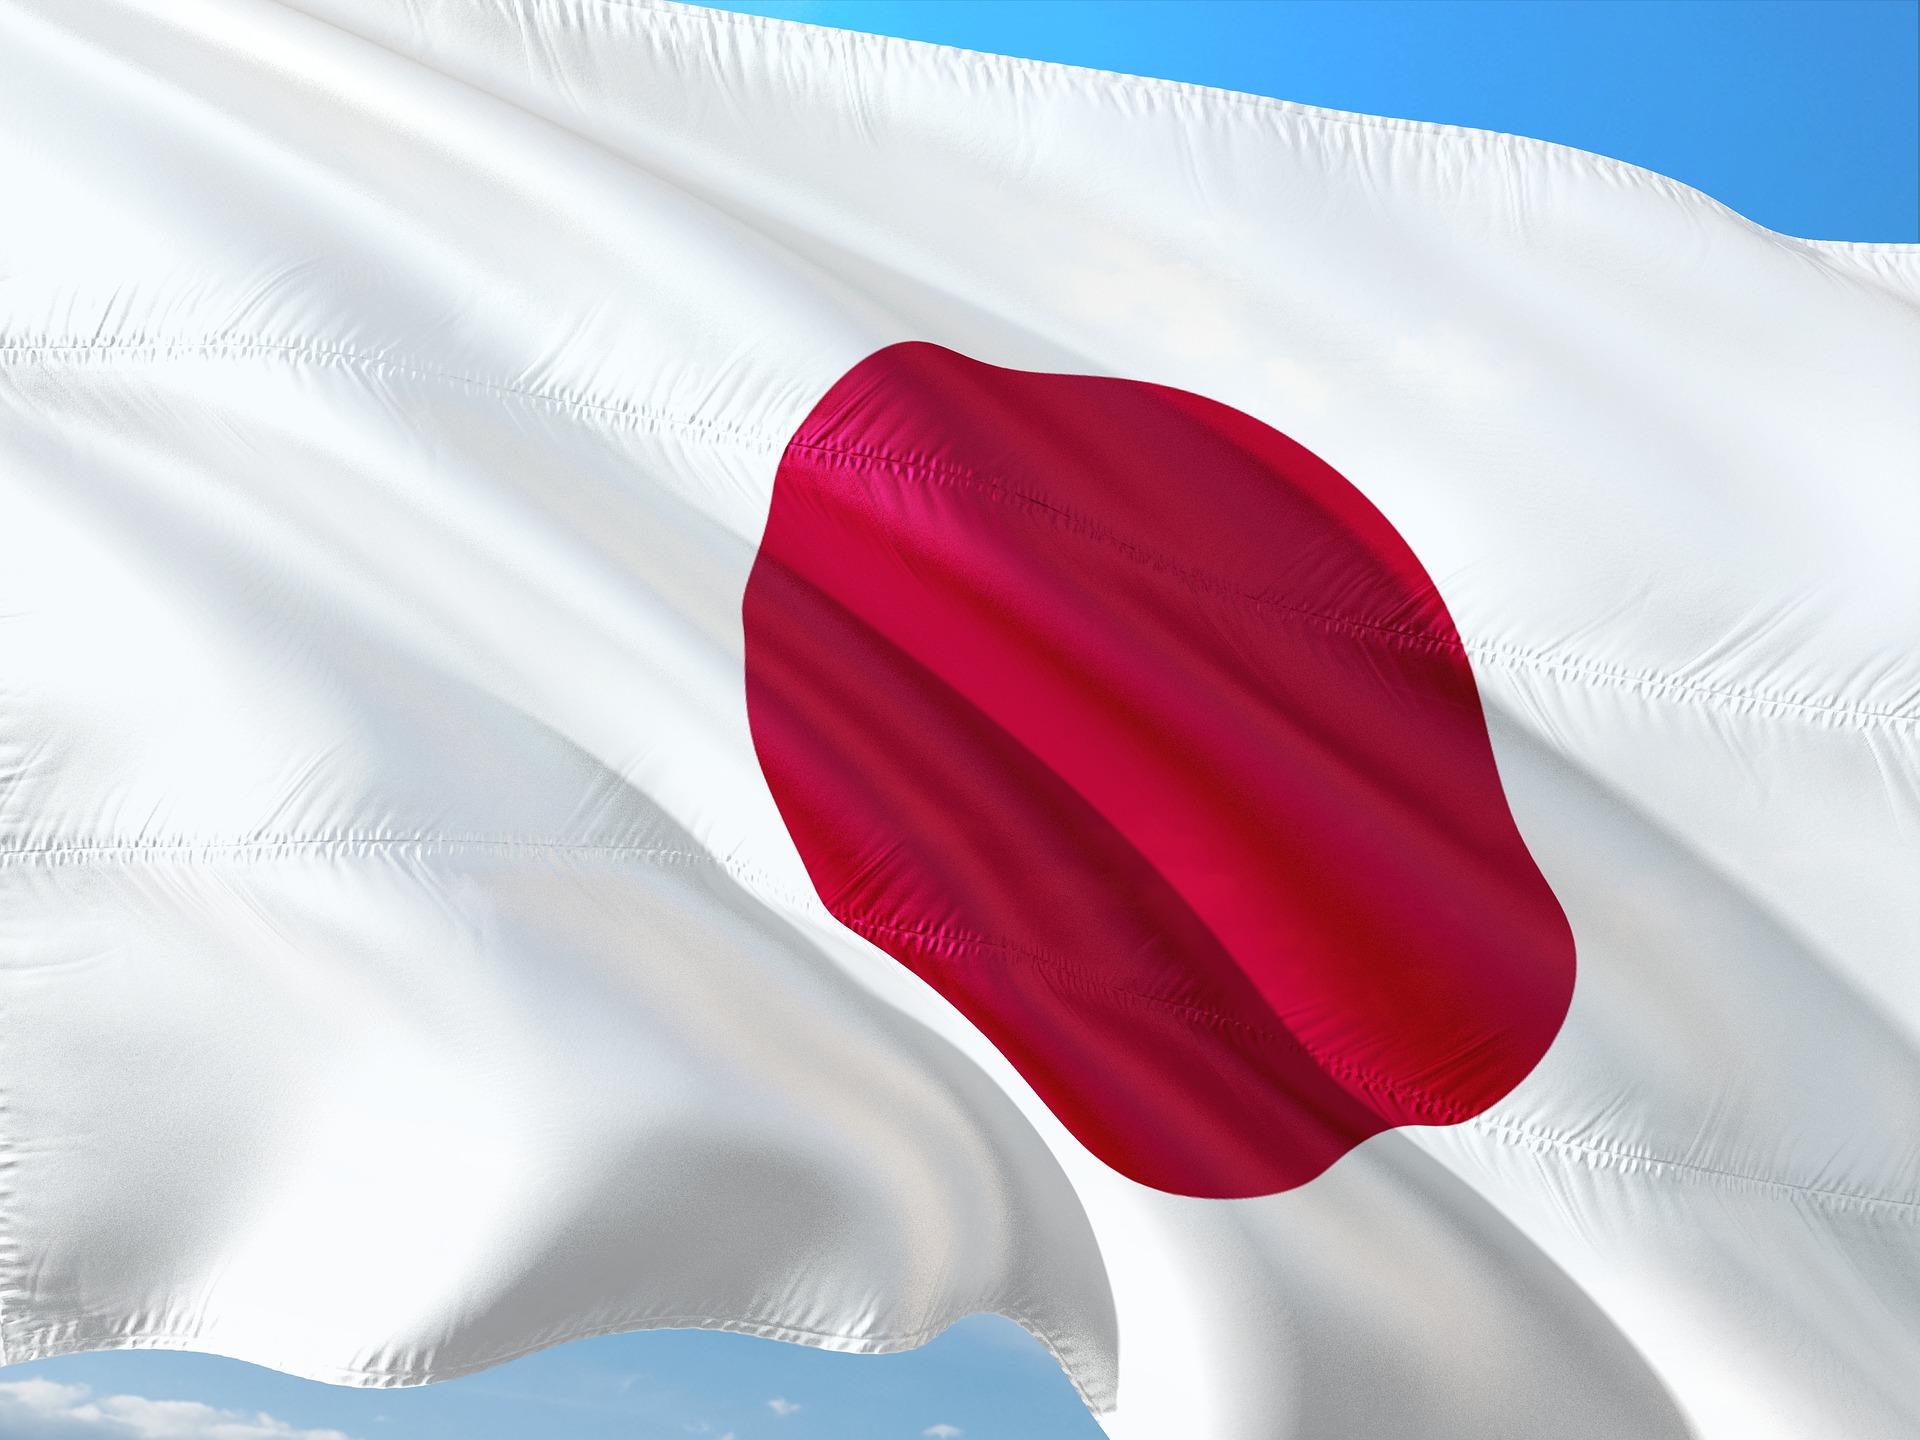 Il Giappone abbatte i dazi doganali e riconosce le eccellenze europee certificate